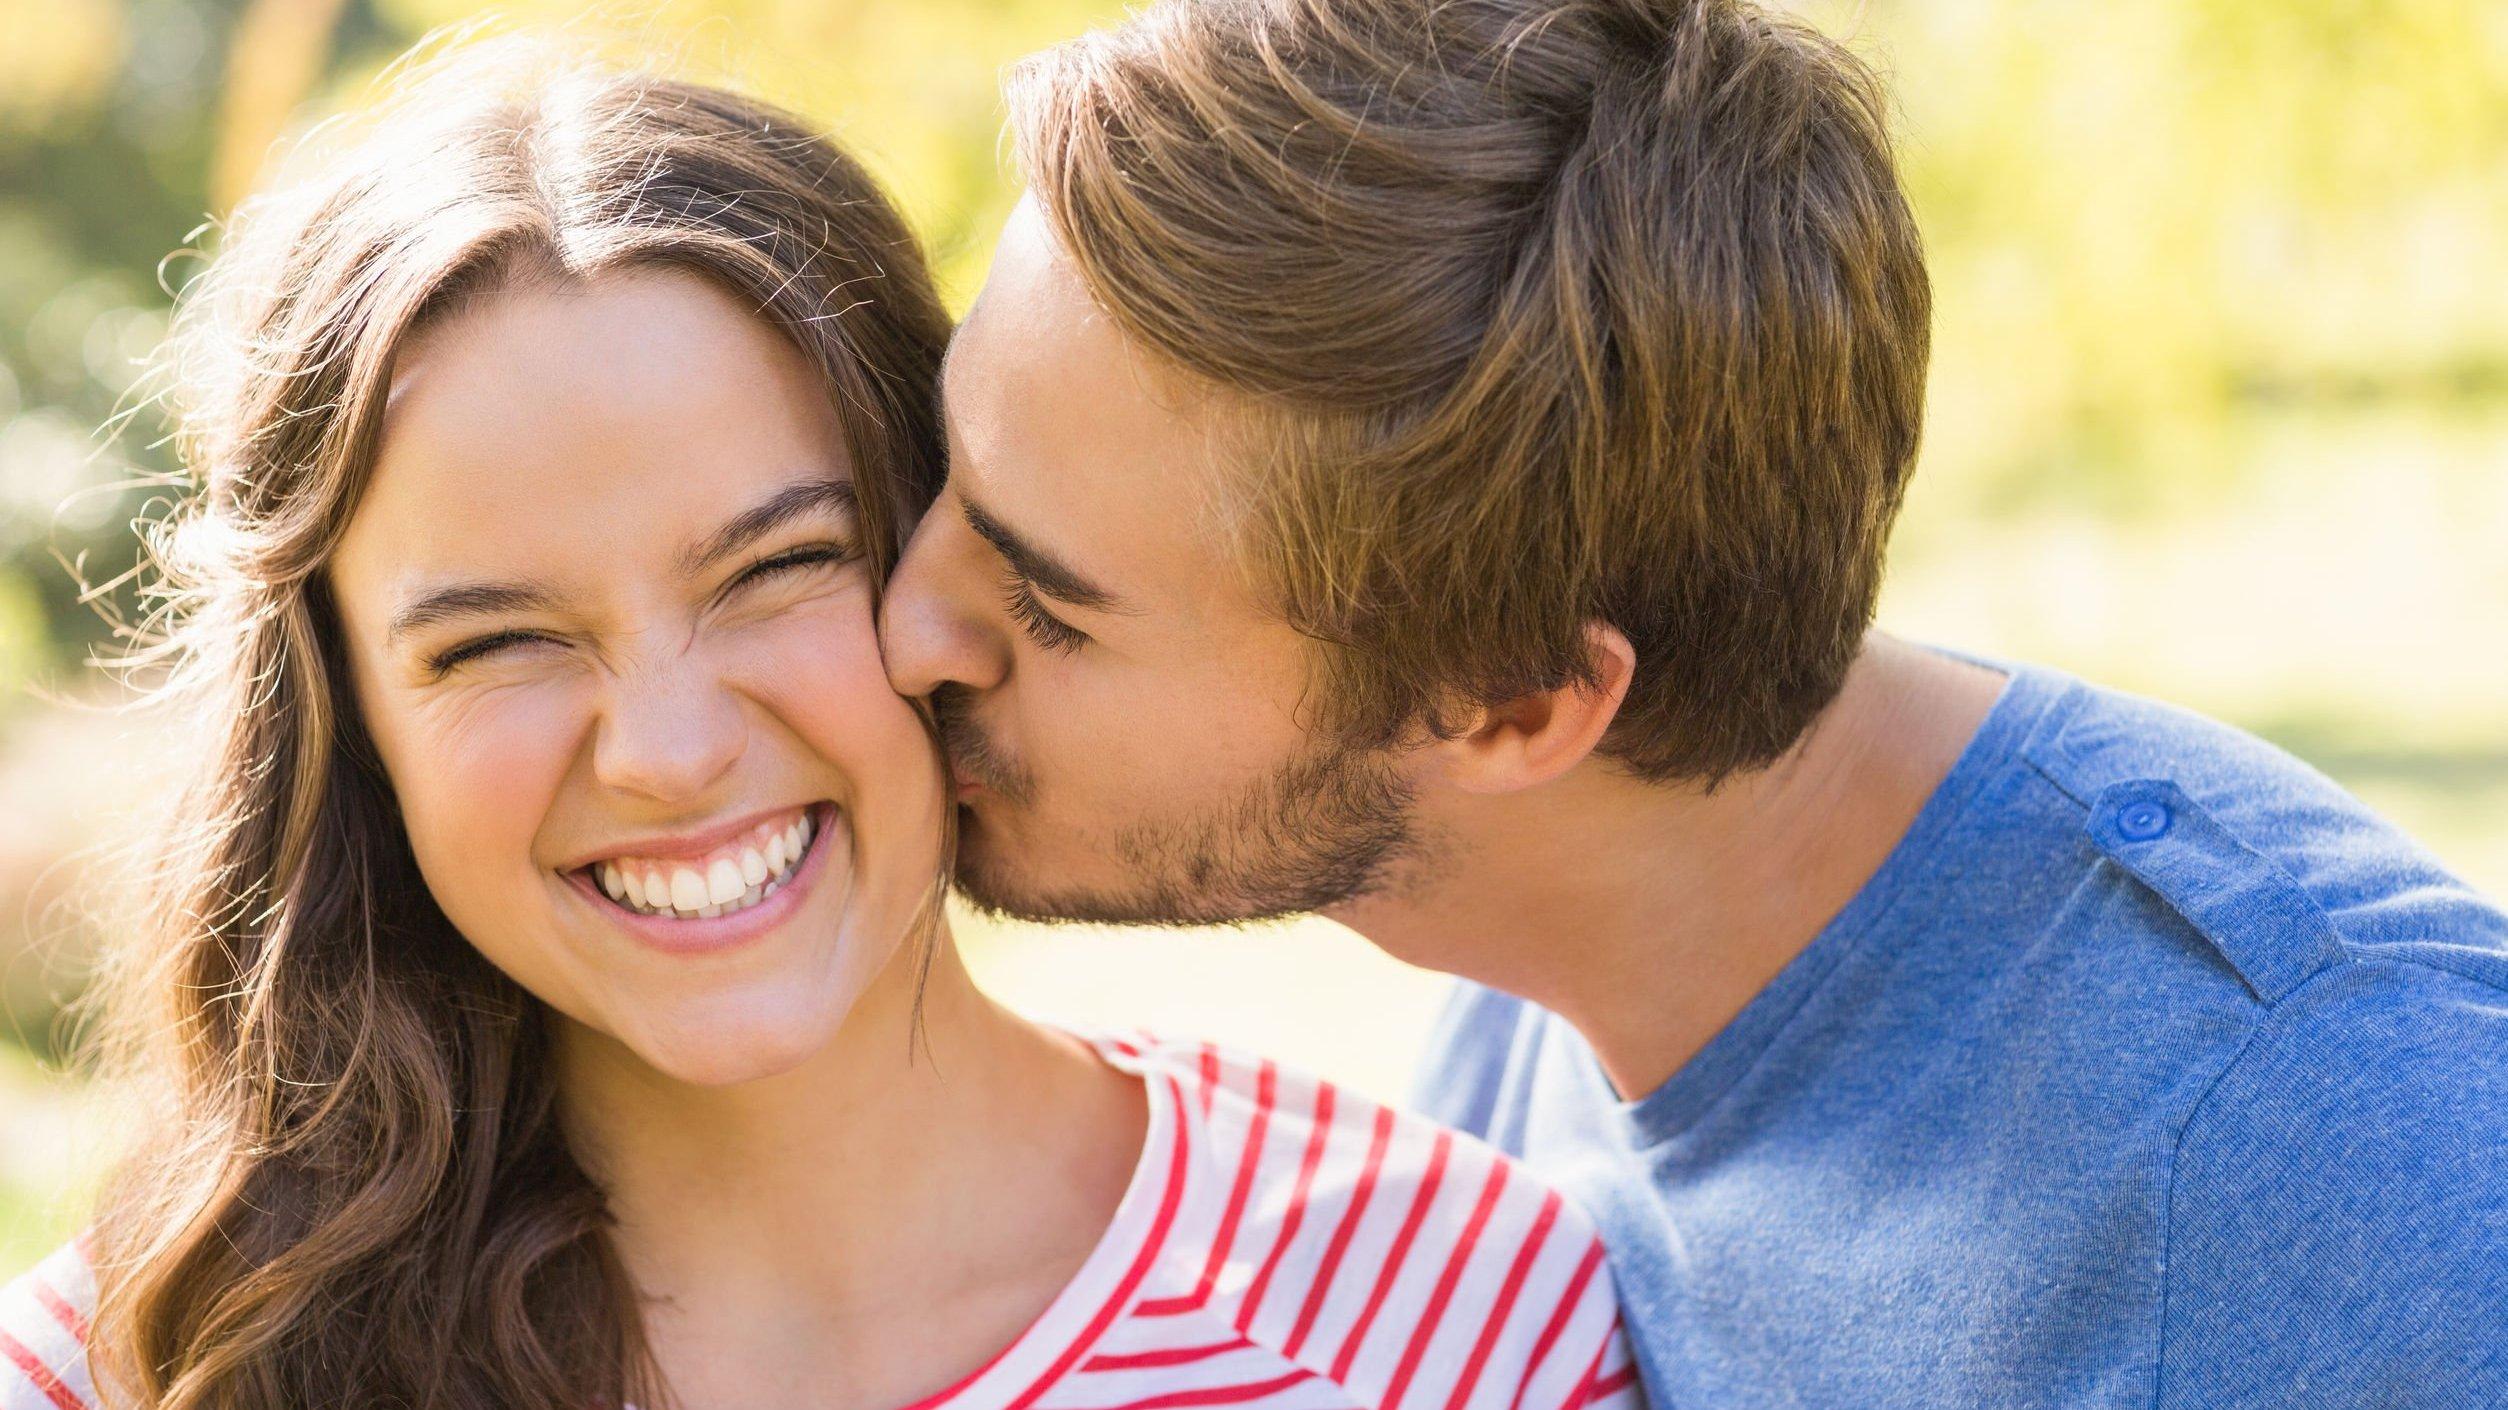 Homem beija bochecha de mulher.